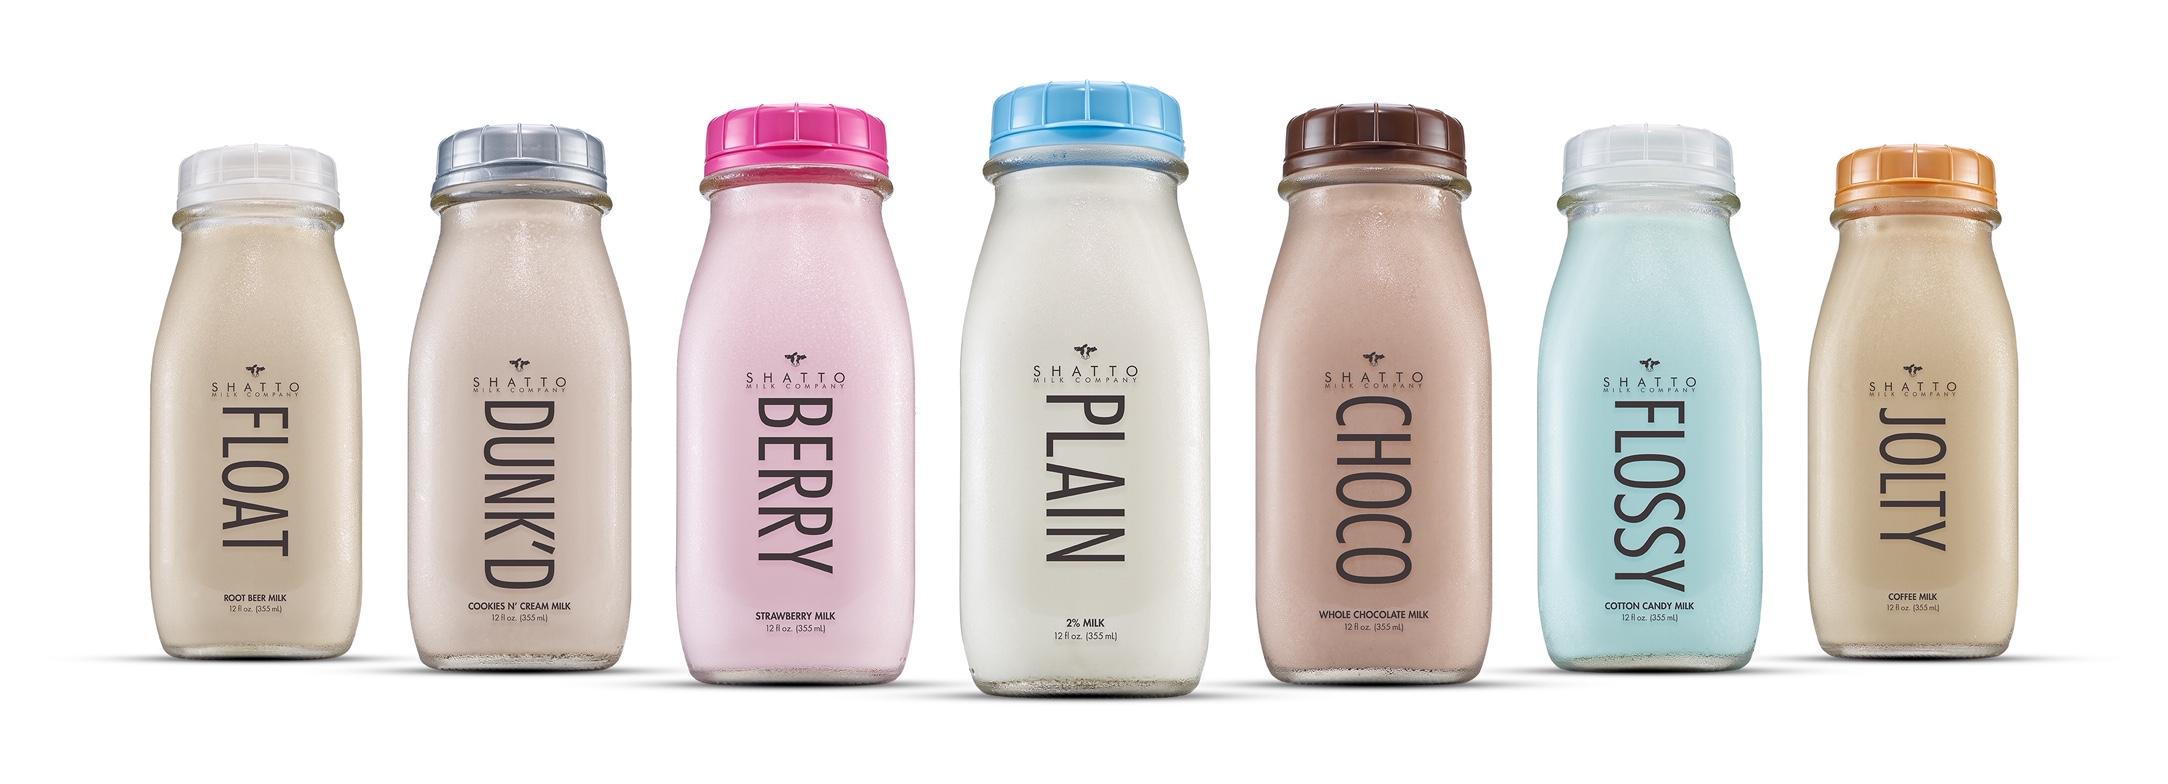 Shatto Milk Company Launches Convenient 12 Ounce Grab And Go Milk Bottles Shatto Milk Company